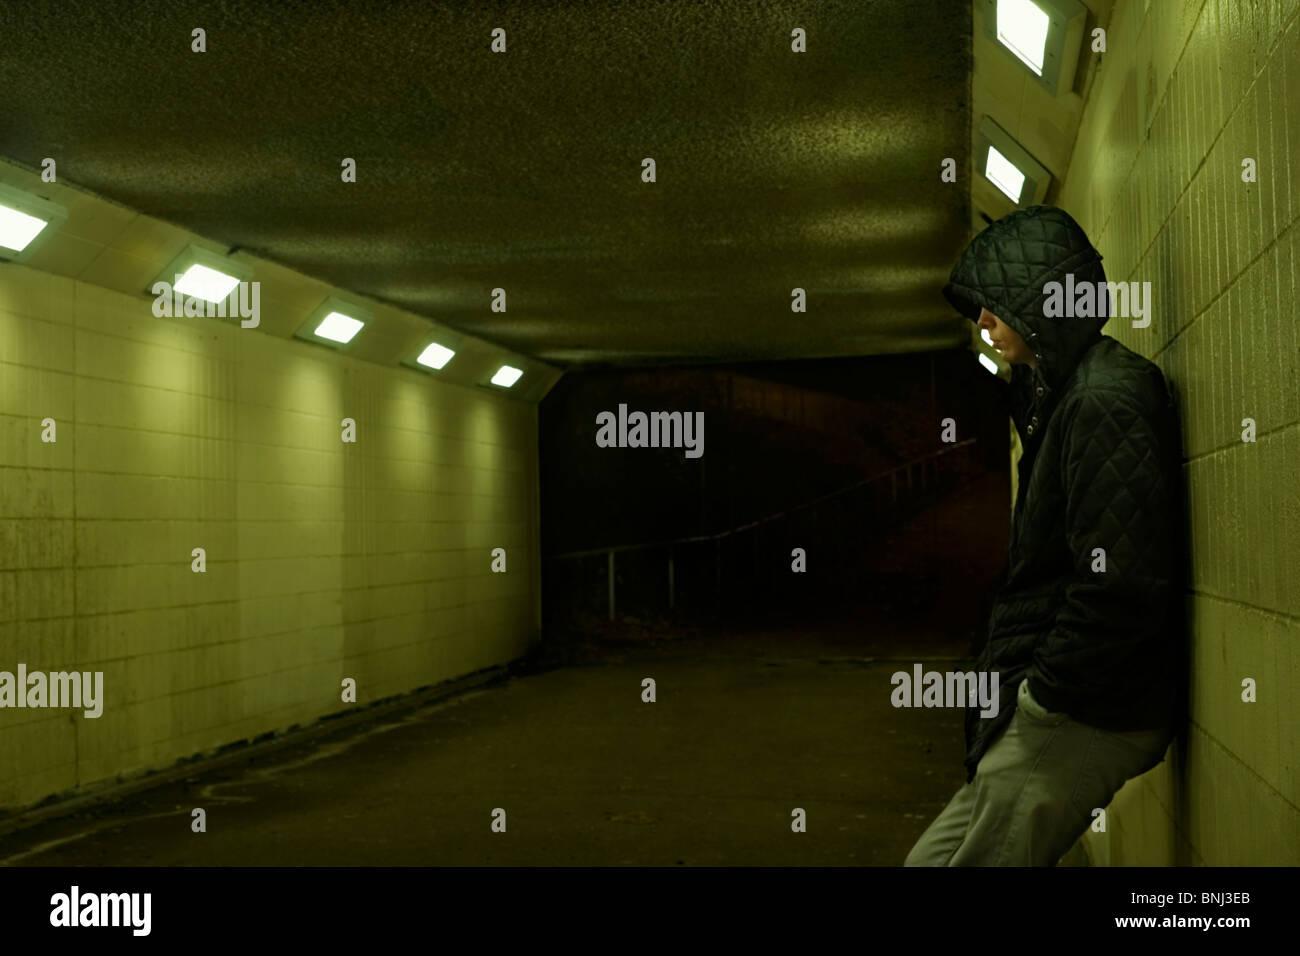 Adolescente, apoyada contra la pared de metro durante la noche. Imagen De Stock